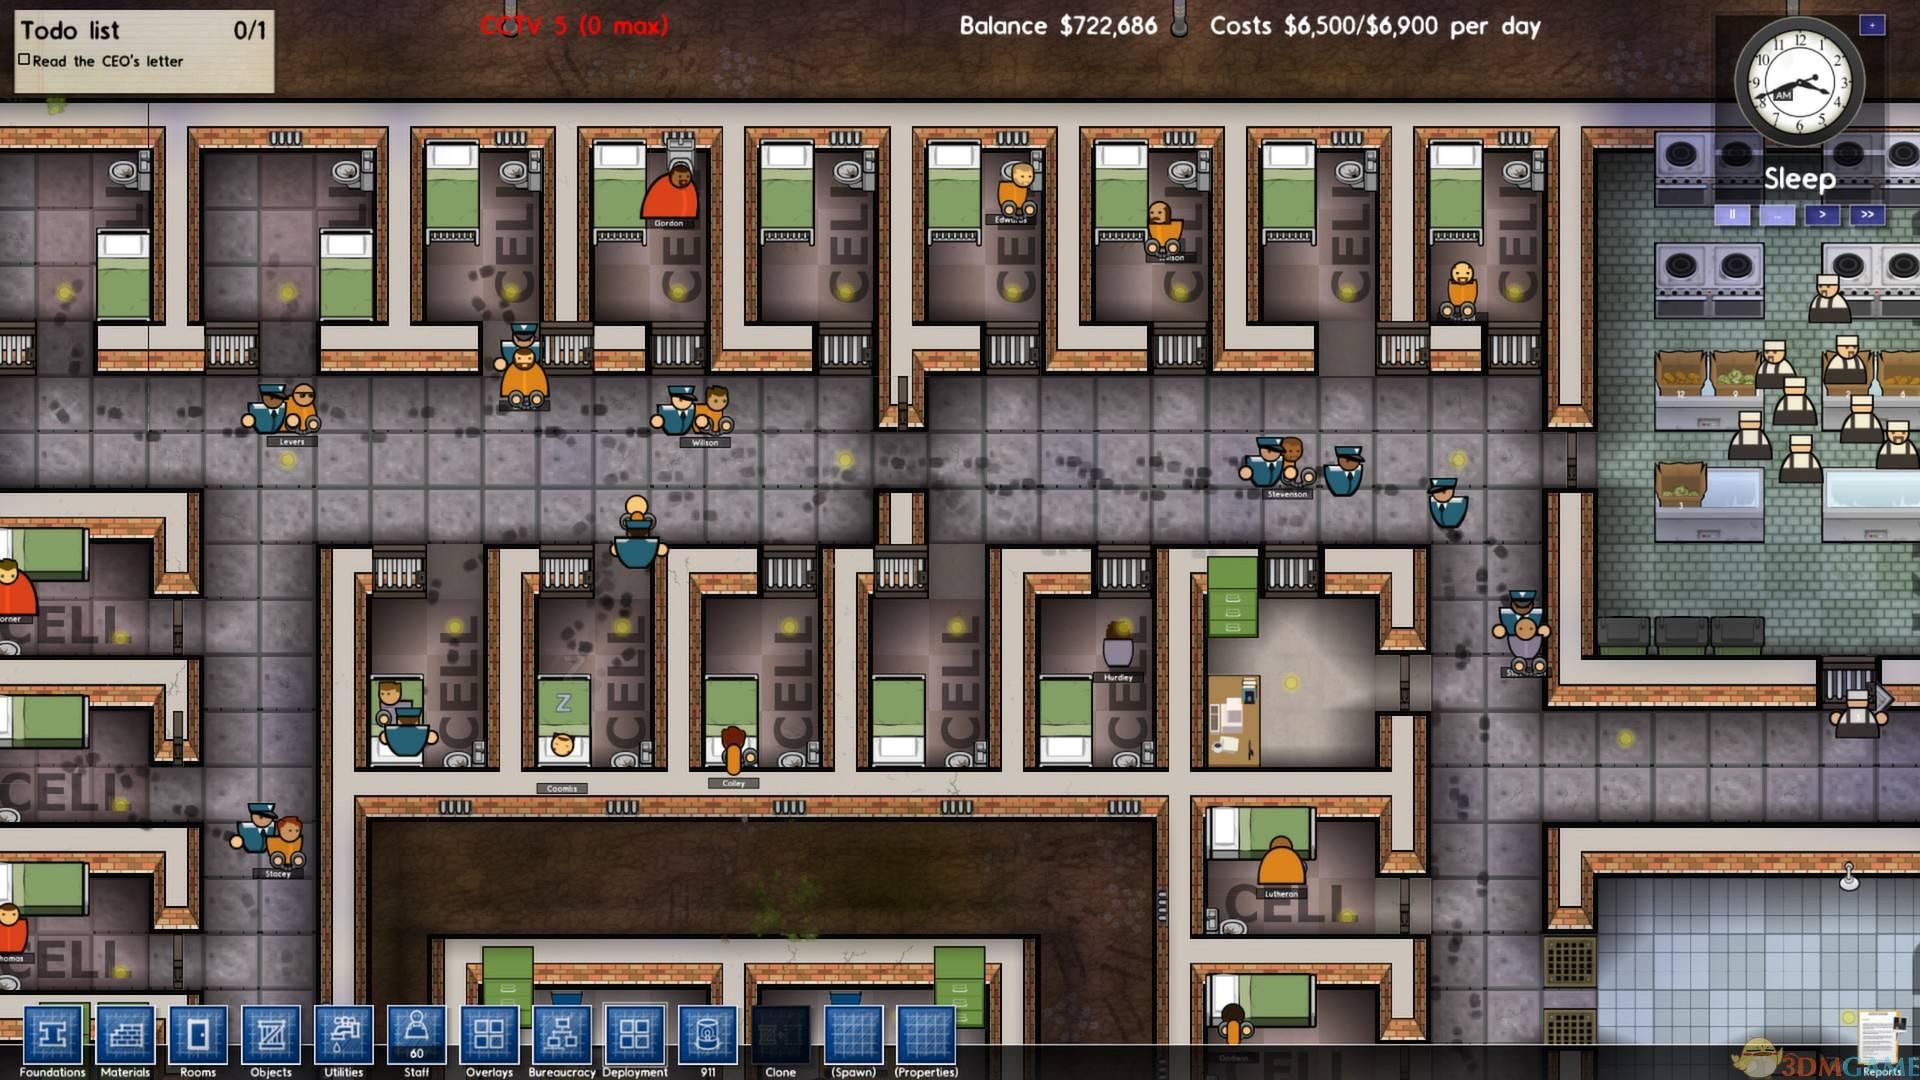 监狱建筑师游戏界面介绍游戏图标解析 Www 3dmgame Com